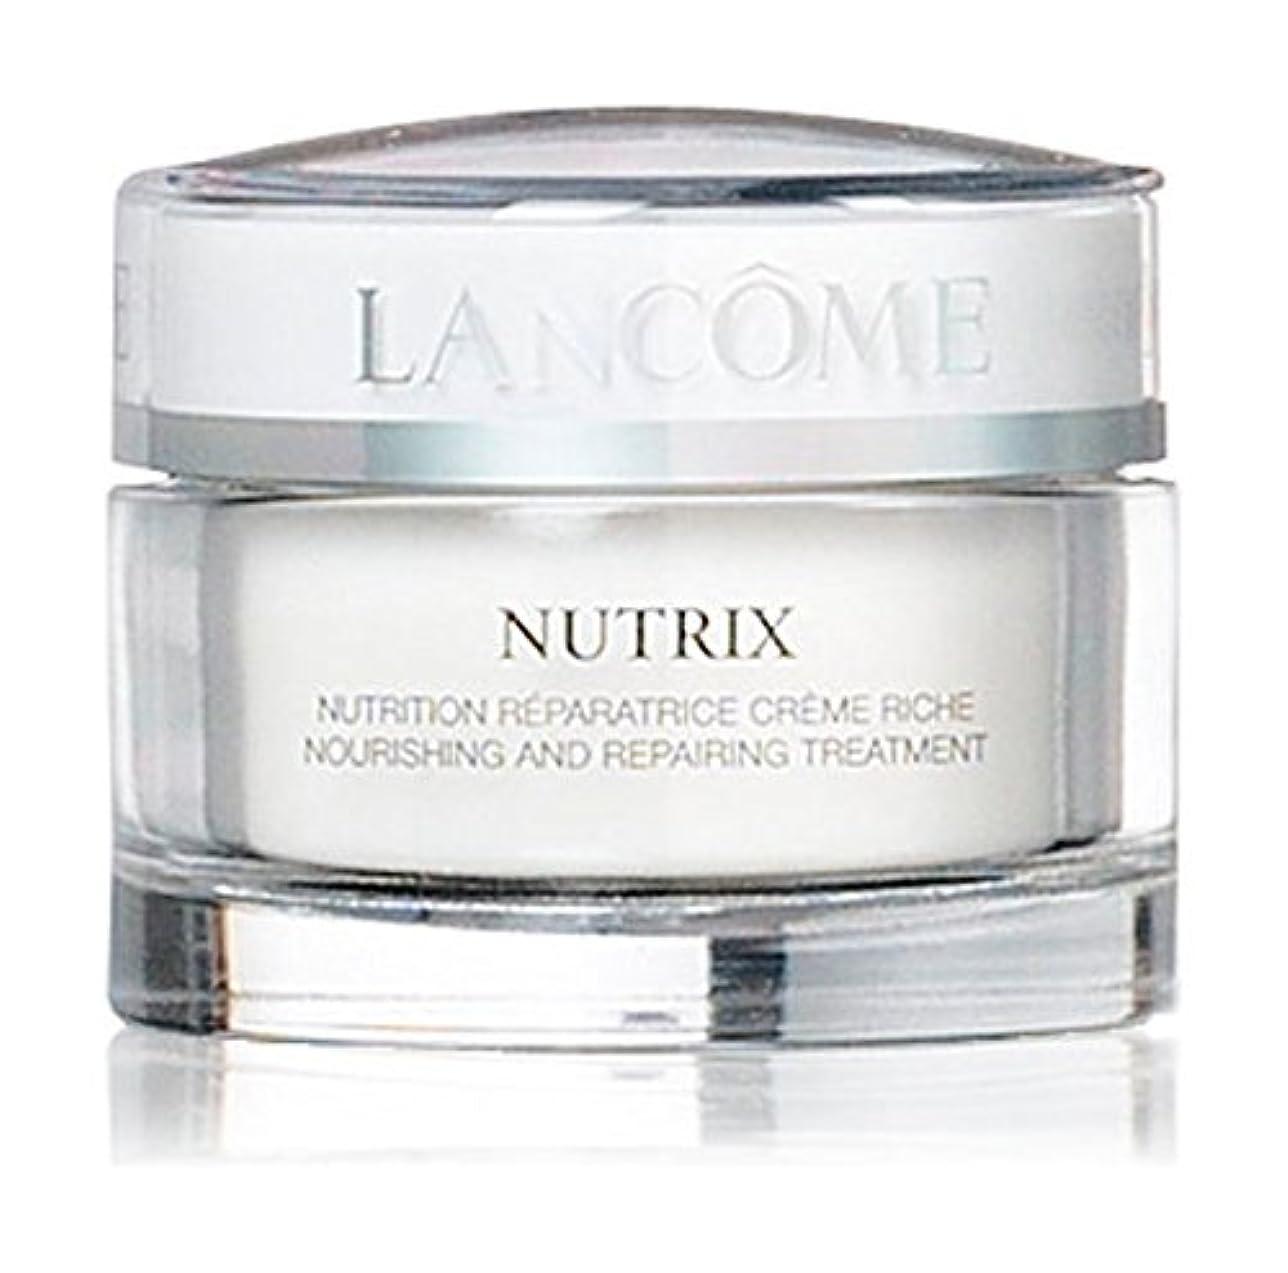 原理八平均ランコム Nutrix Nourishing And Repairing Treatment Rich Cream - For Very Dry, Sensitive Or Irritated Skin 50ml/1.7oz...